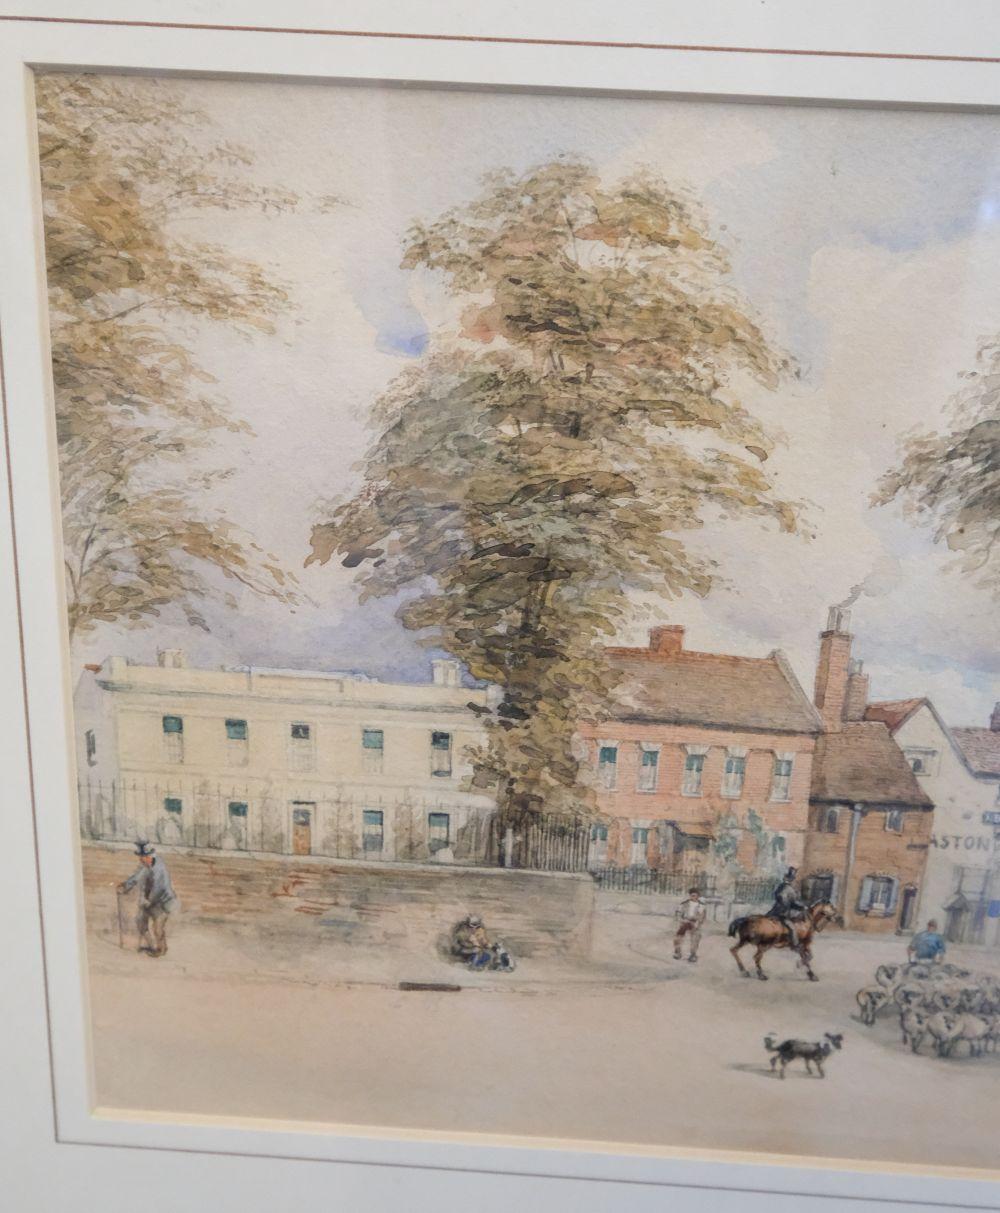 * Blackham (George Warren, active1888-1906). Scenes of Birmingham - Image 3 of 7